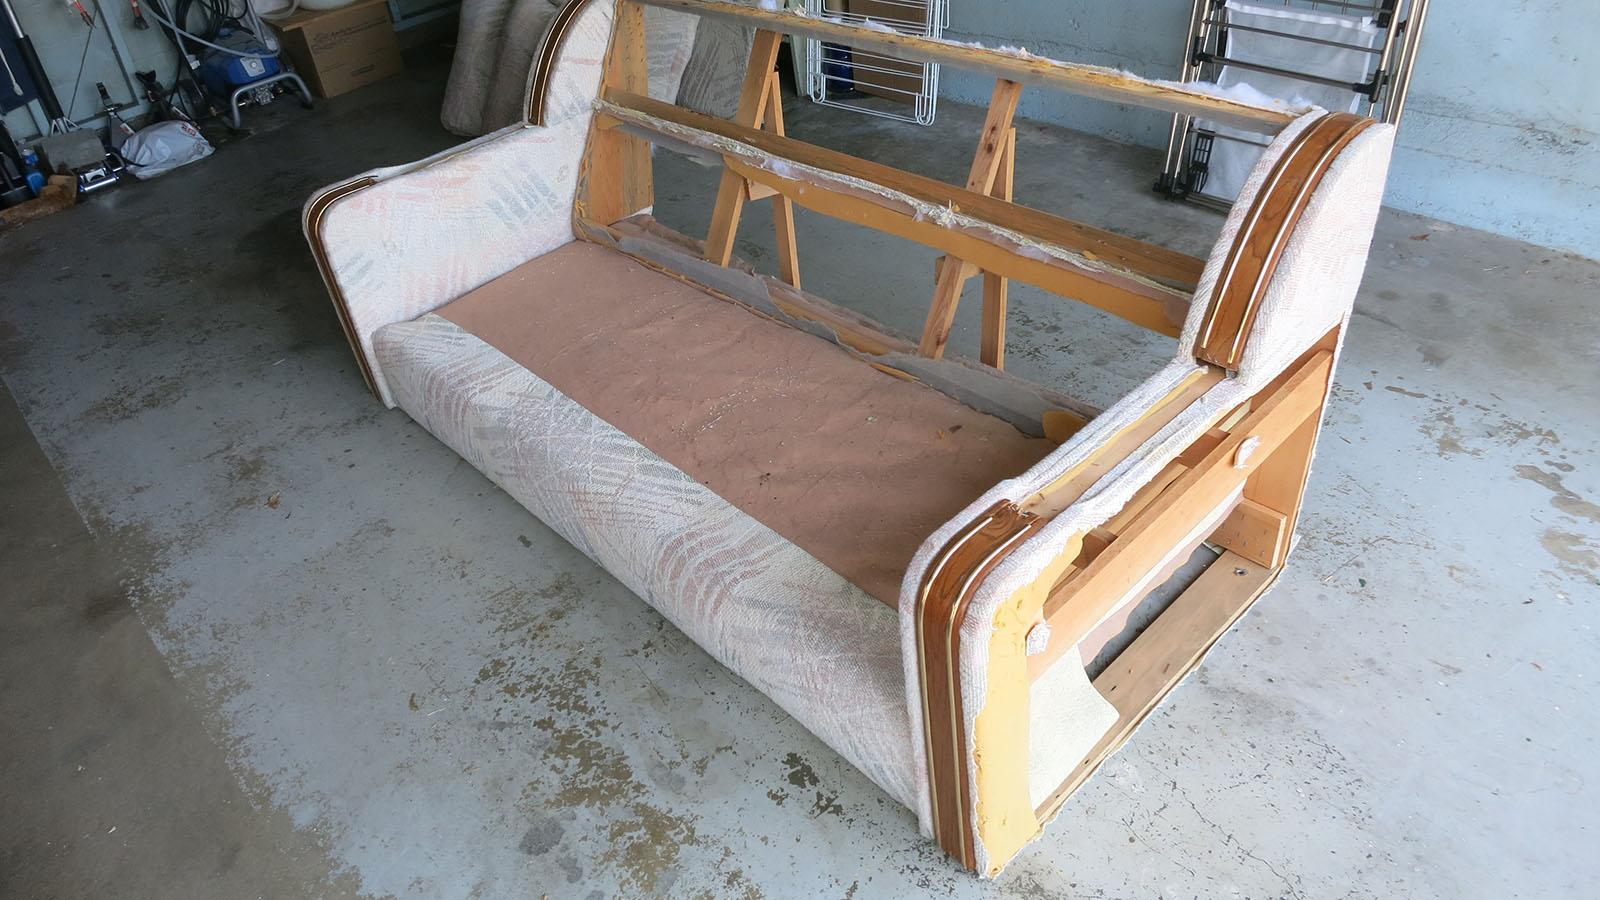 Couch Teardown 12 - side panels cut off